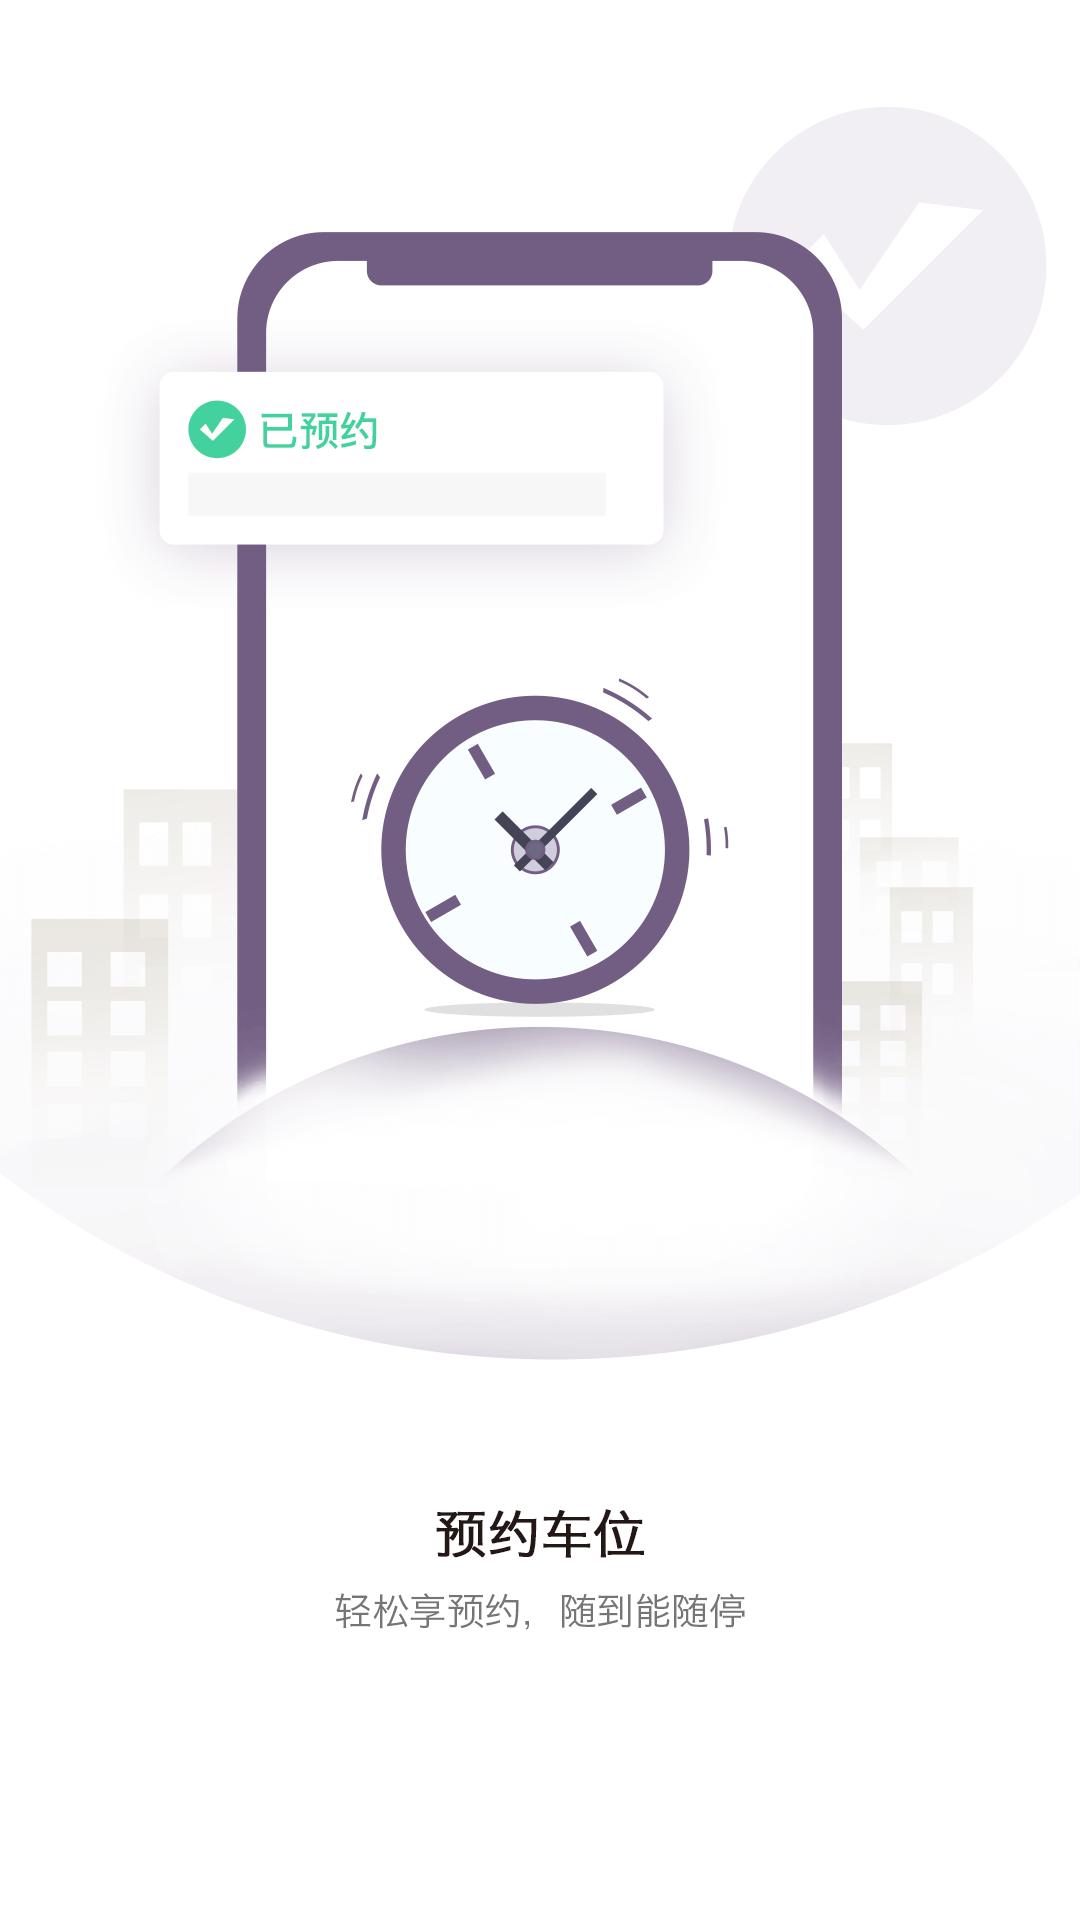 任马停智慧停车app安卓版v3.4.1 官方版